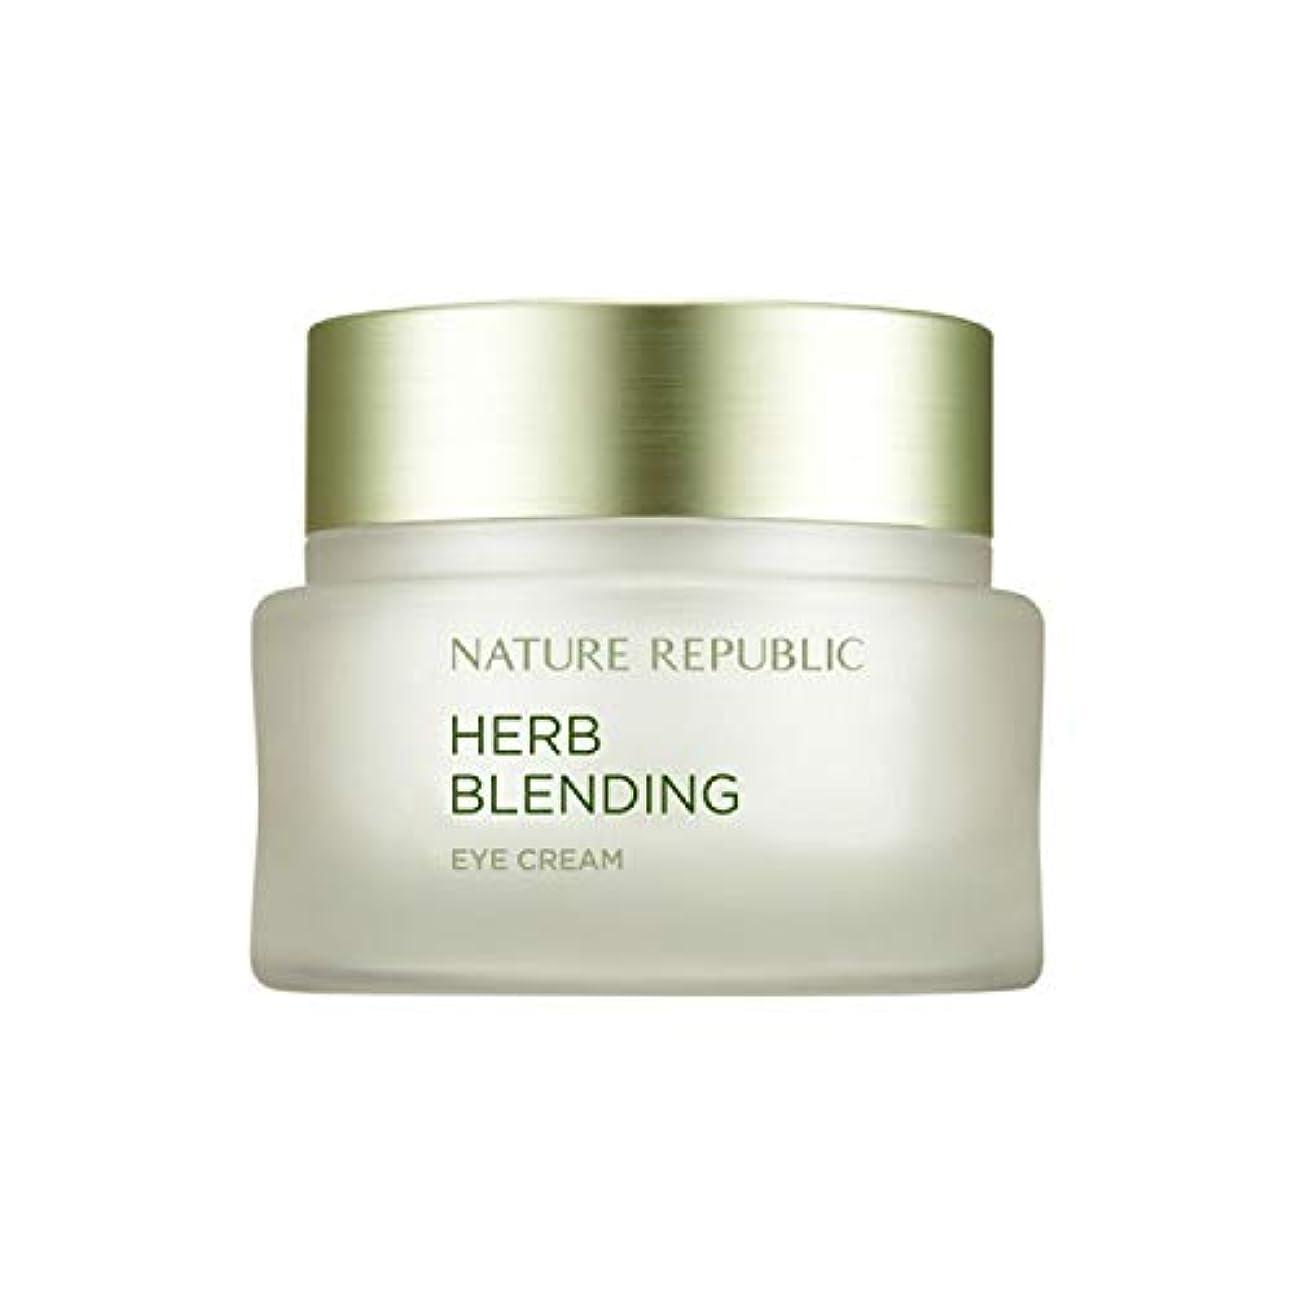 リンス逃れる衝突ネイチャーリパブリック(Nature Republic)ハブブレンドアイクリーム 25ml / Herb Blending Eye Cream 25ml :: 韓国コスメ [並行輸入品]